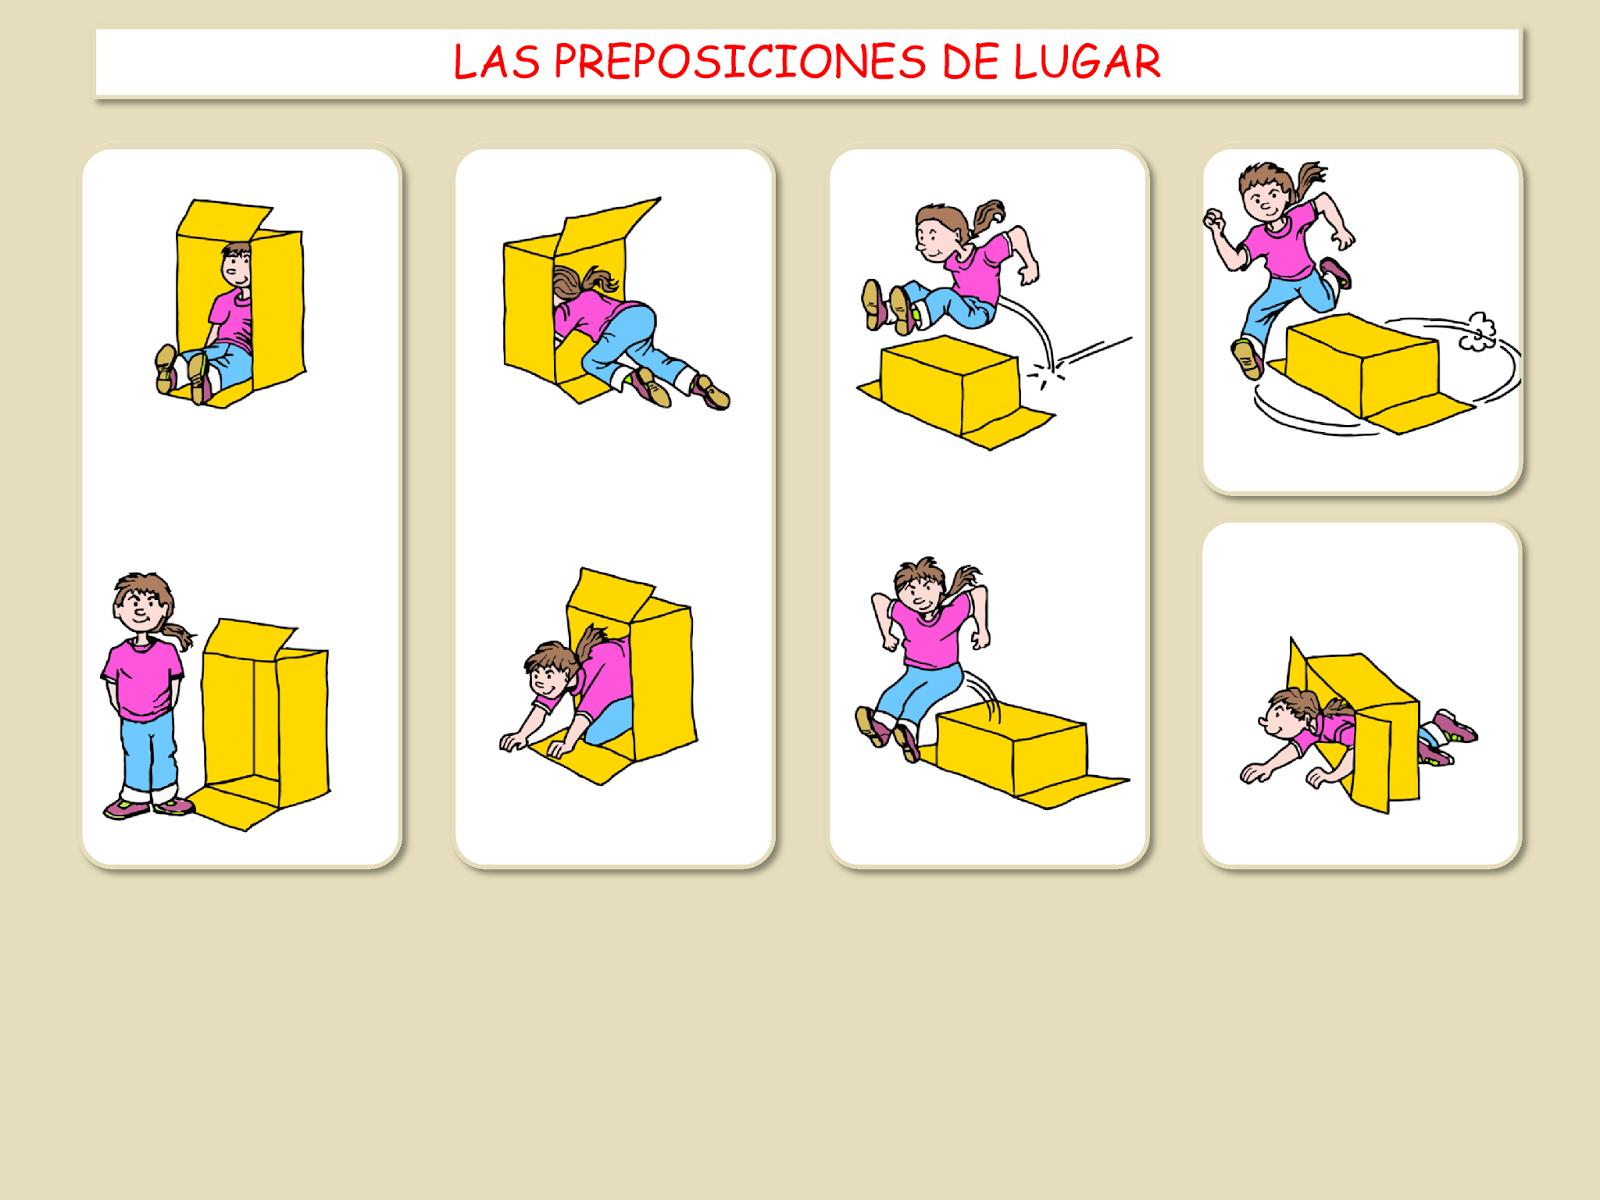 Me Encanta Escribir En Espanol Las Preposiciones De Lugar Donde Esta La Chica